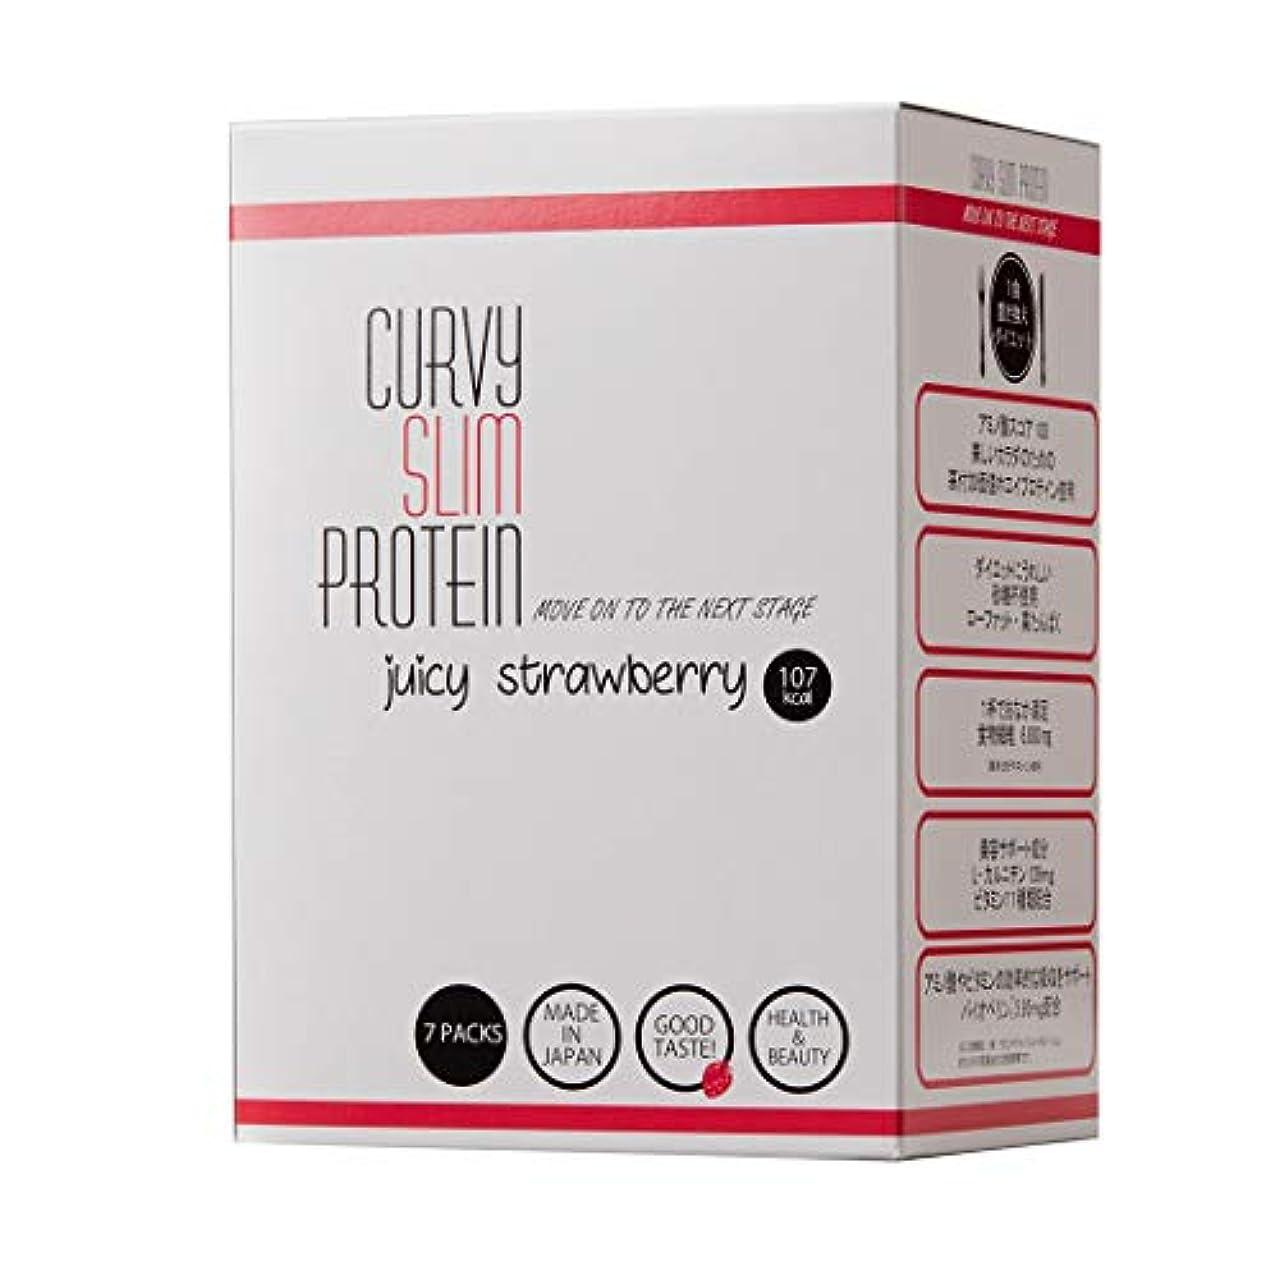 ご意見バドミントンロッドカーヴィースリム® プロテイン ジューシーストロベリー 置き換え ダイエット 7包(7食分)